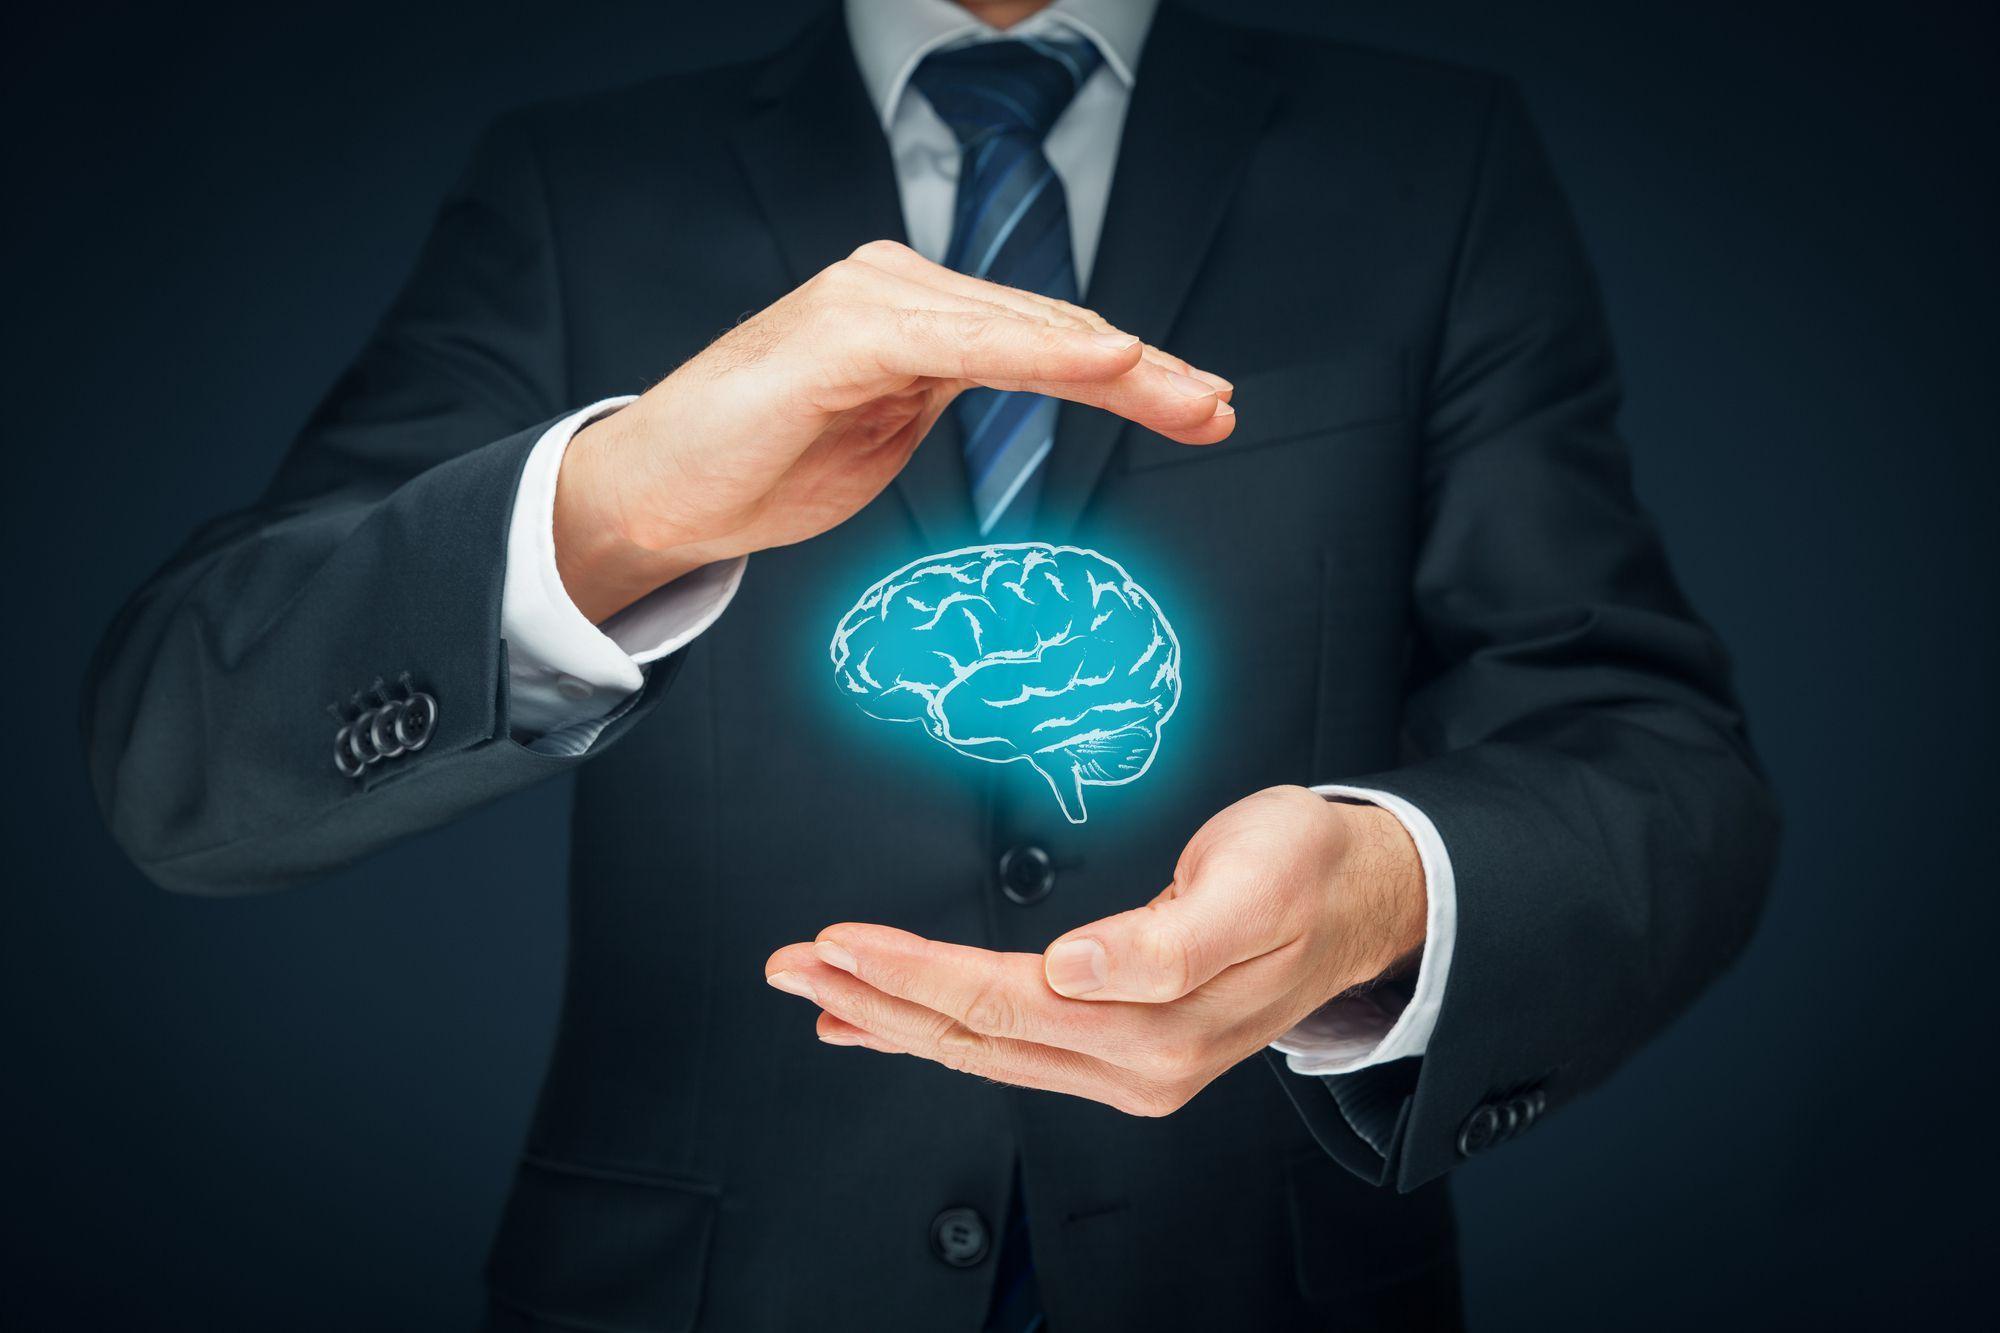 как стать умнее, как стать умной за 1 день, 10 книг чтобы стать умным, как стать умнее в учебе, как стать умнее книги, как стать умной девушкой, как стать умным мужчиной, какие книги нужно читать чтобы стать умнее, как прокачать мозг и стать умнее, как становится умнее каждый день, что нужно сделать чтобы стать образованным человеком, правила, советы, рекомендации fdlx.com